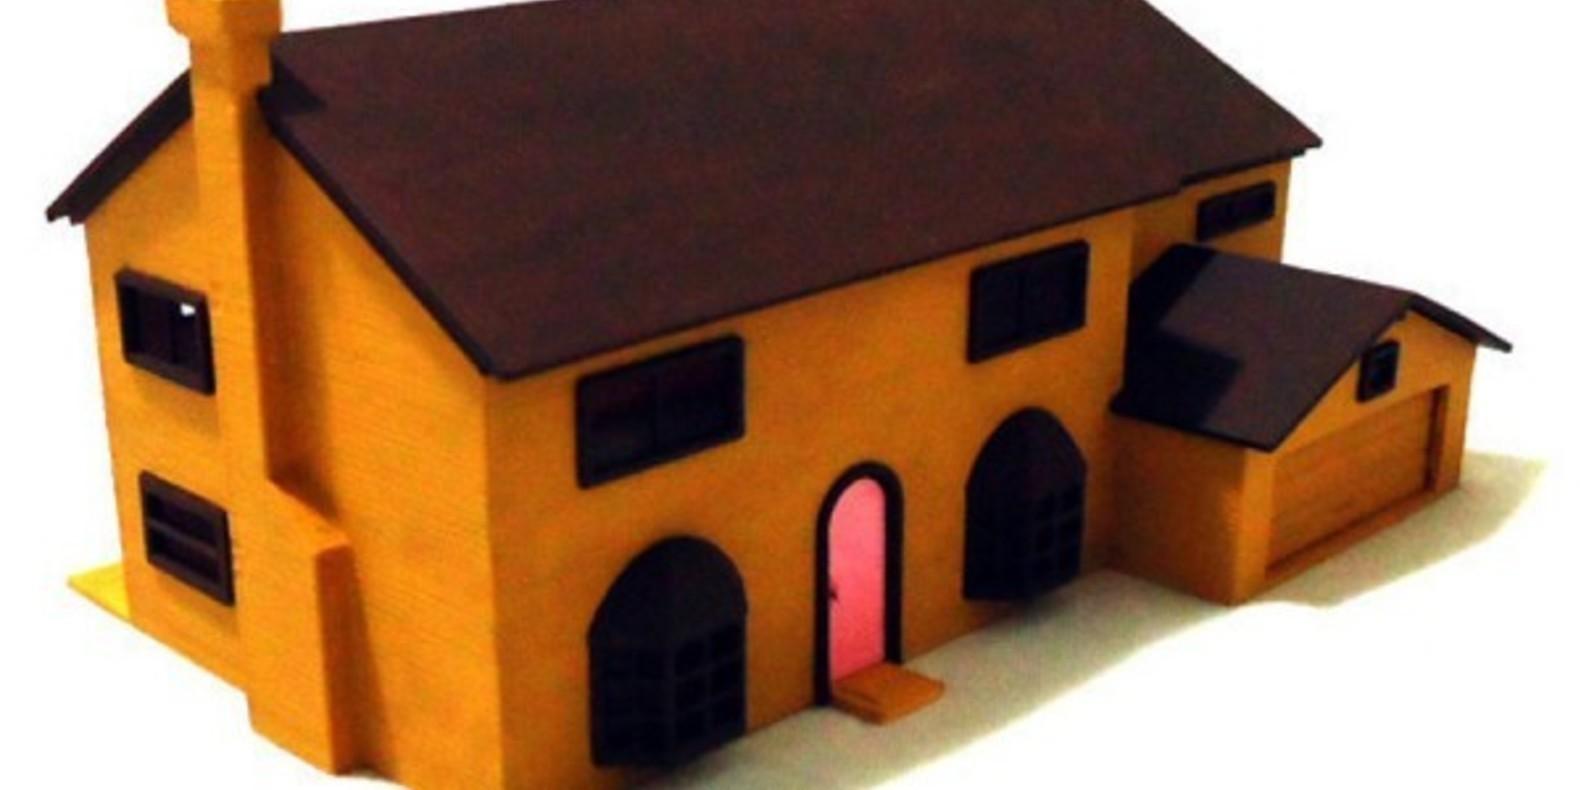 3D Printed Simpson House Cults 2 maison des Simpson